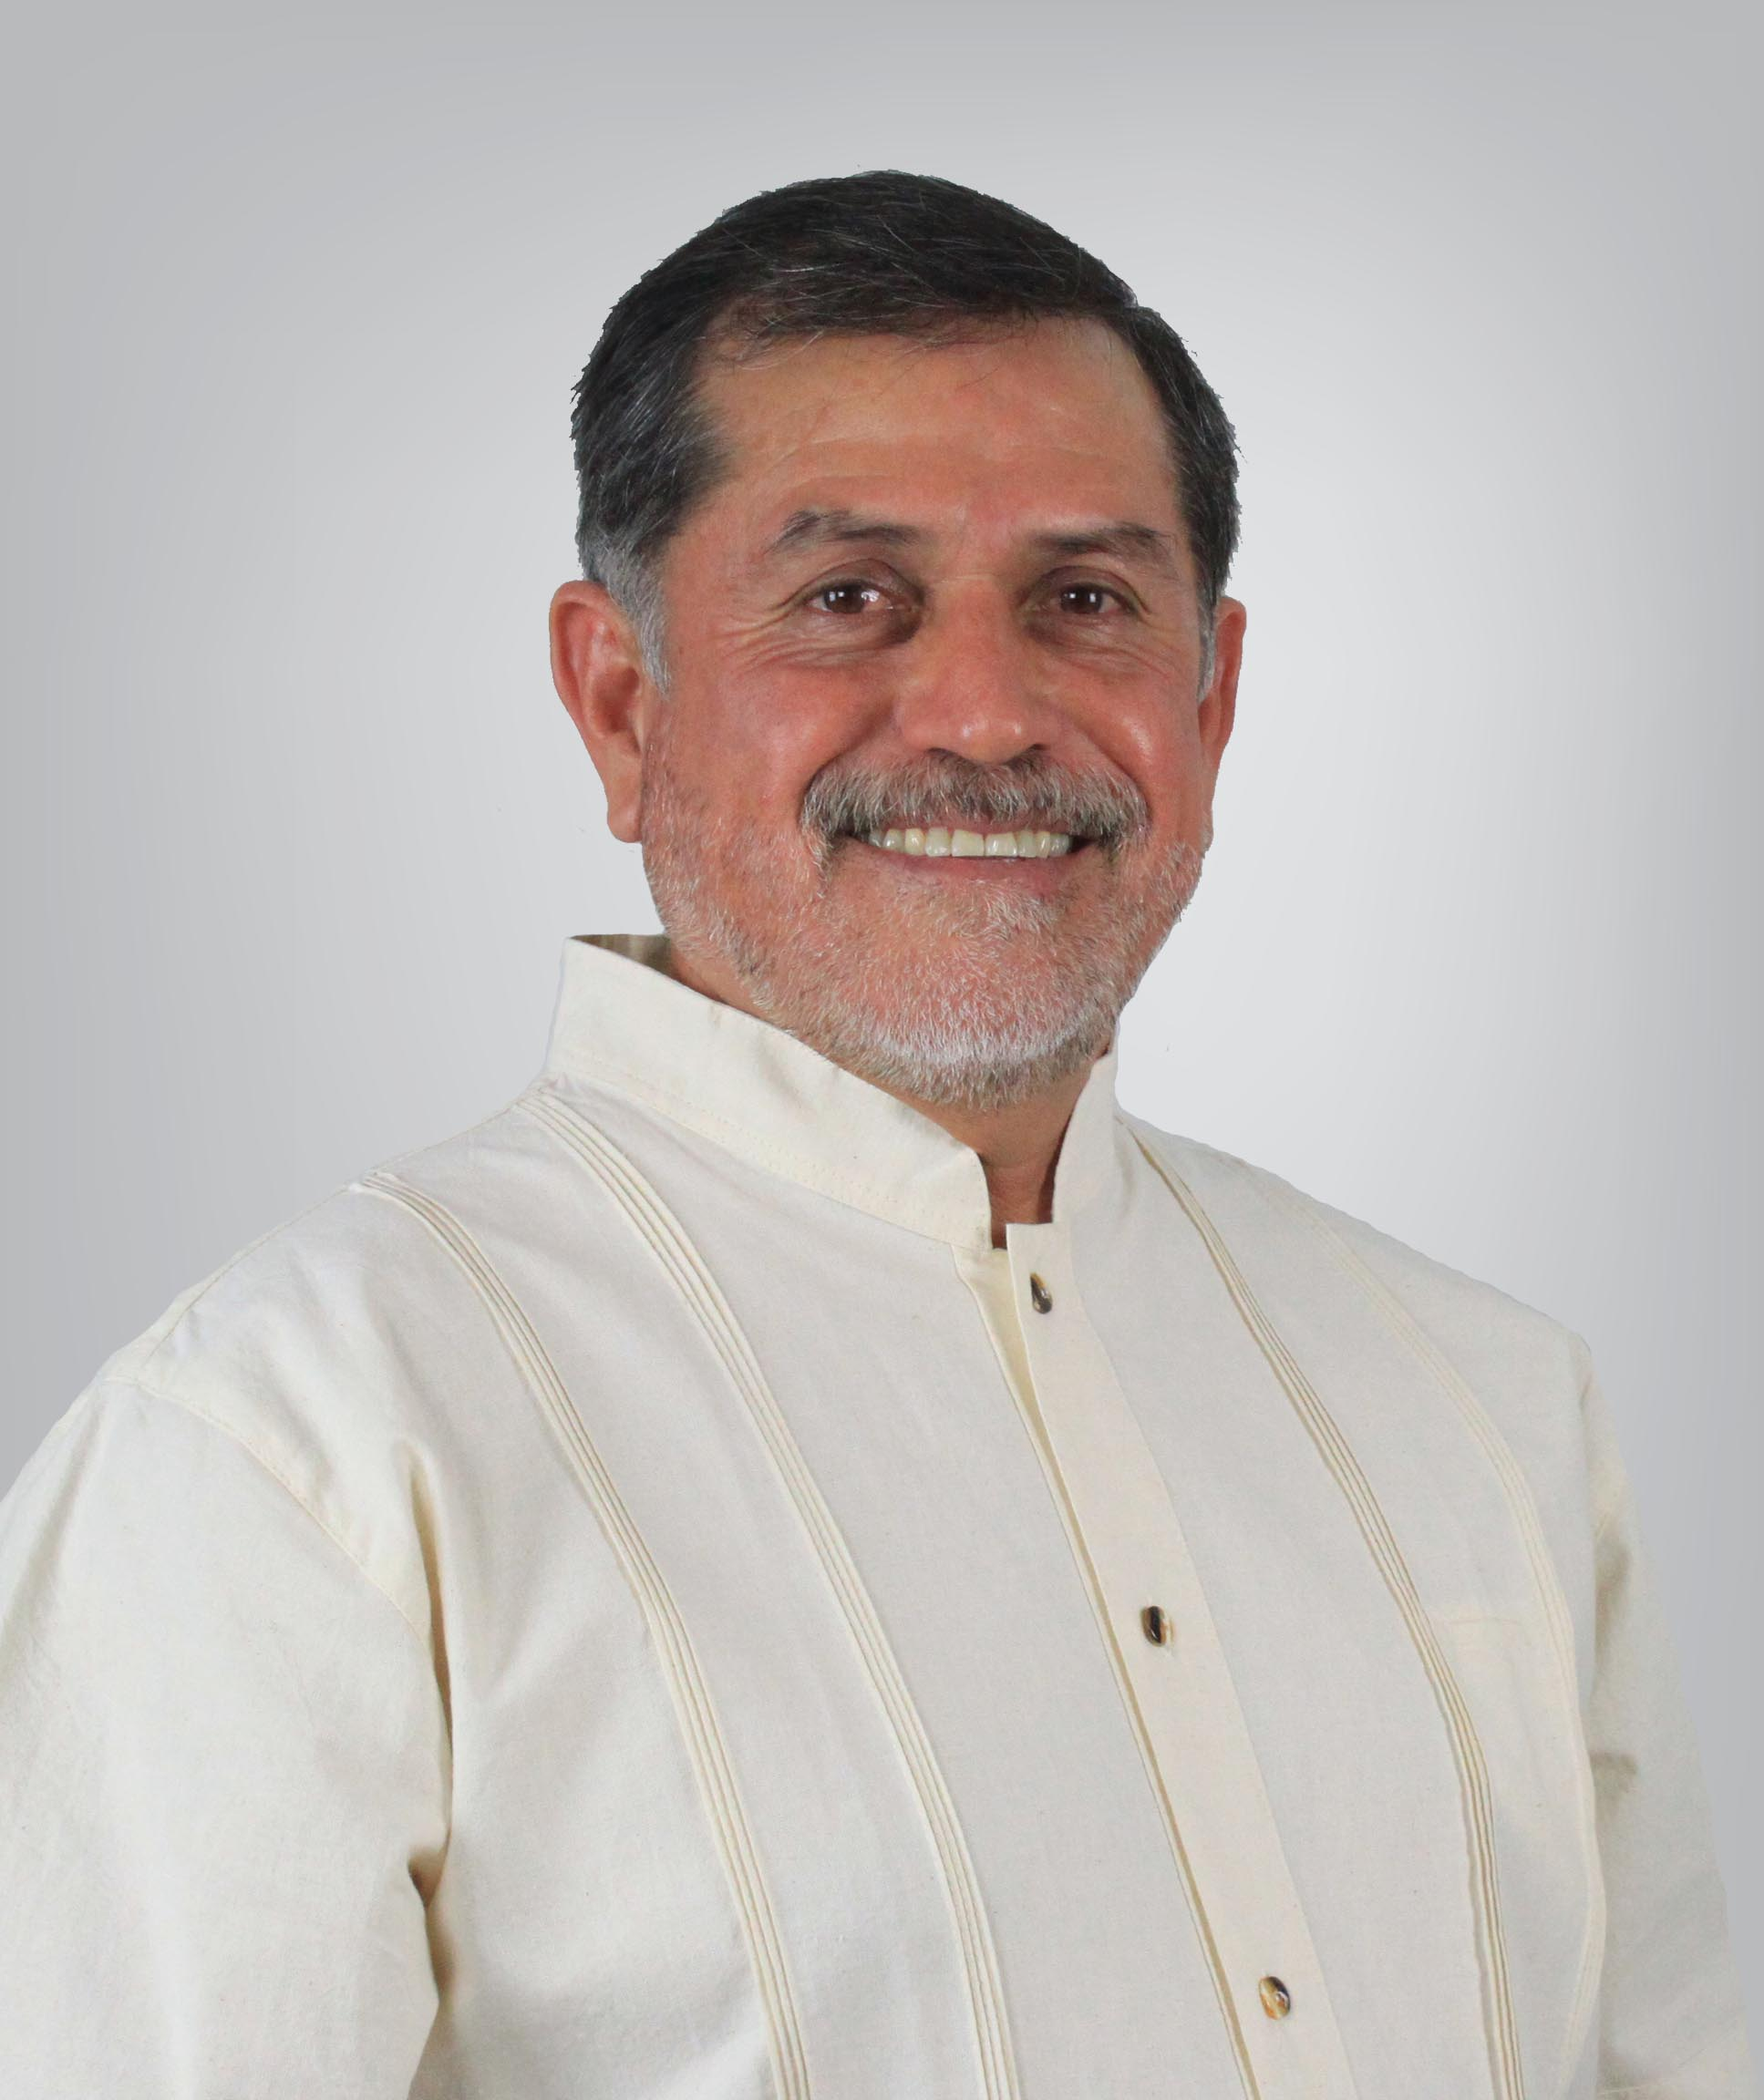 Dr. Jorge TelleZ López, profesor titular C, actual director de la División de Ciencias Biológicas y de la Salud del CUCOSTA.